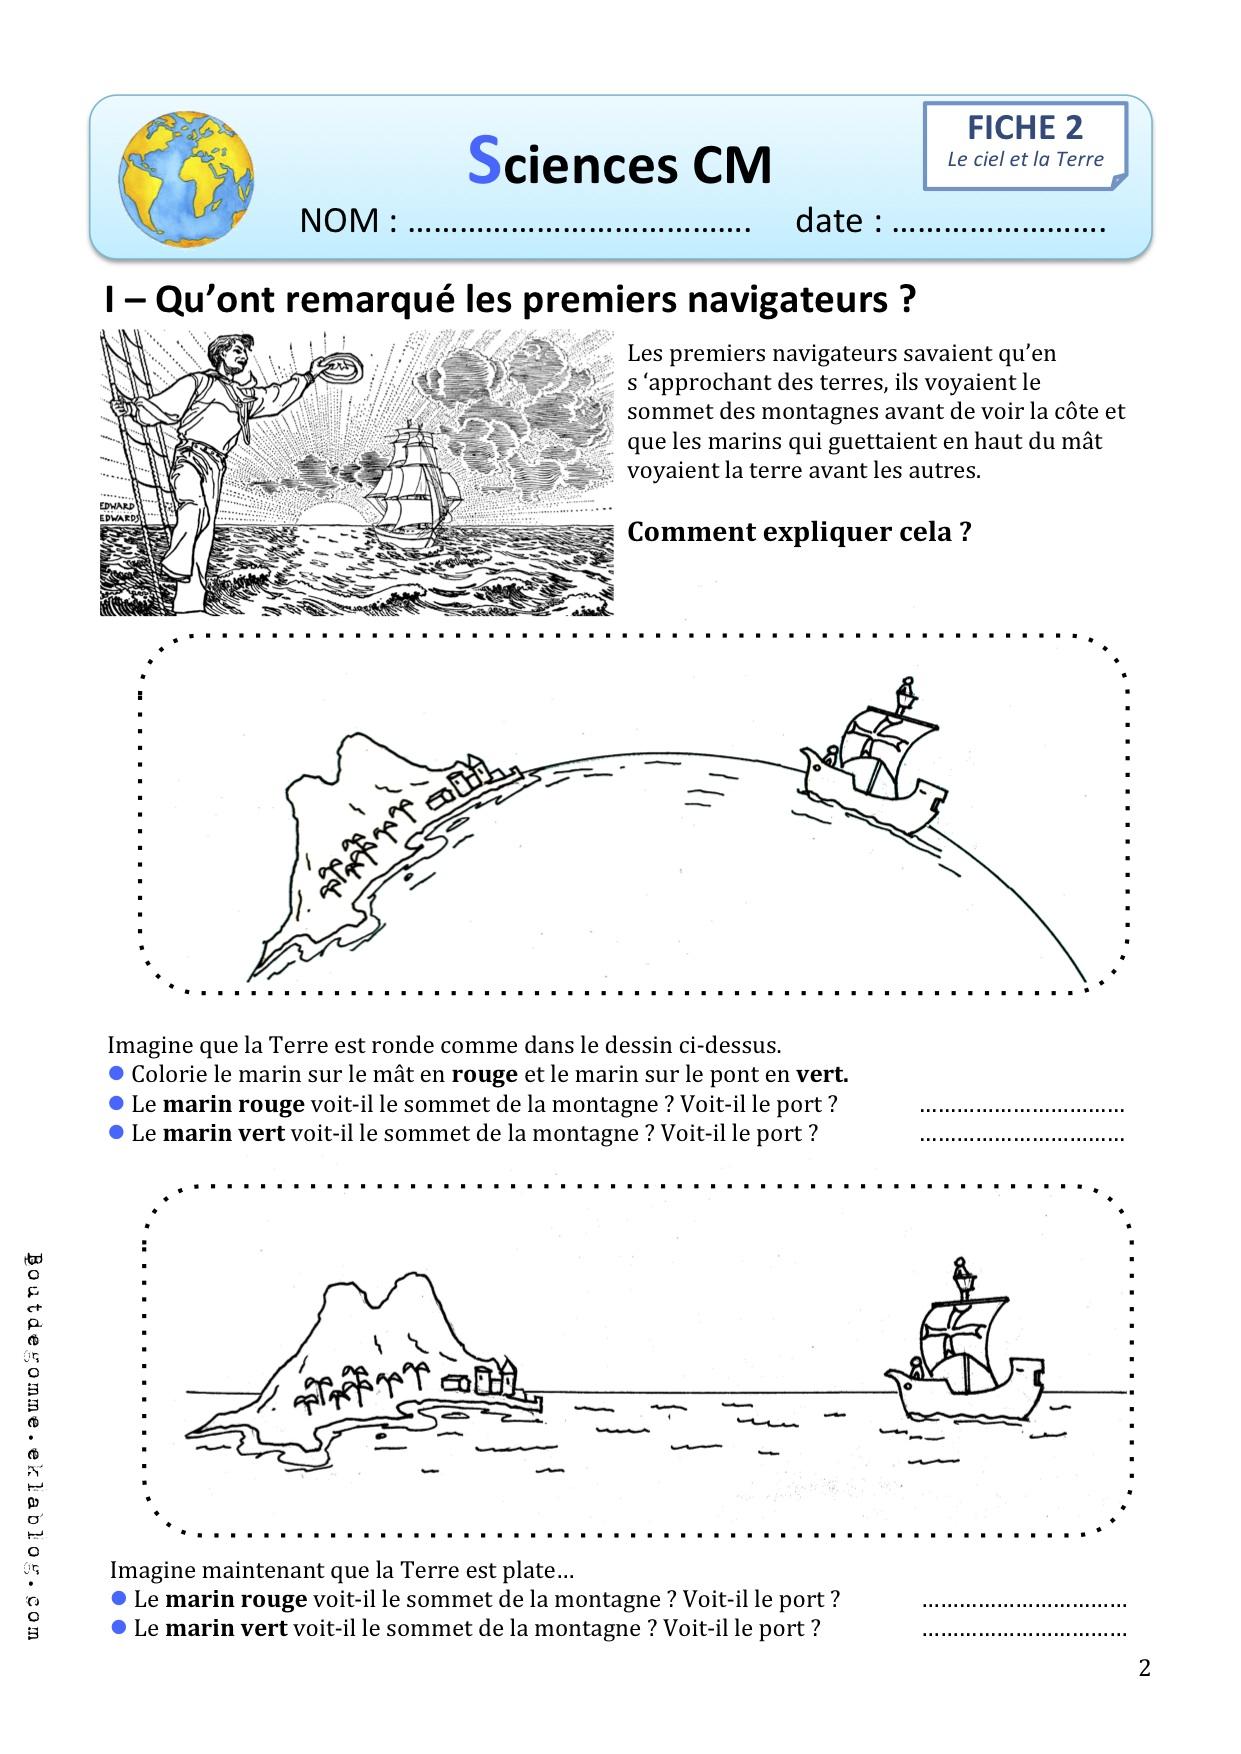 Calendrier Ce1 Exercices.Sciences Le Calendrier Cm Bout De Gomme